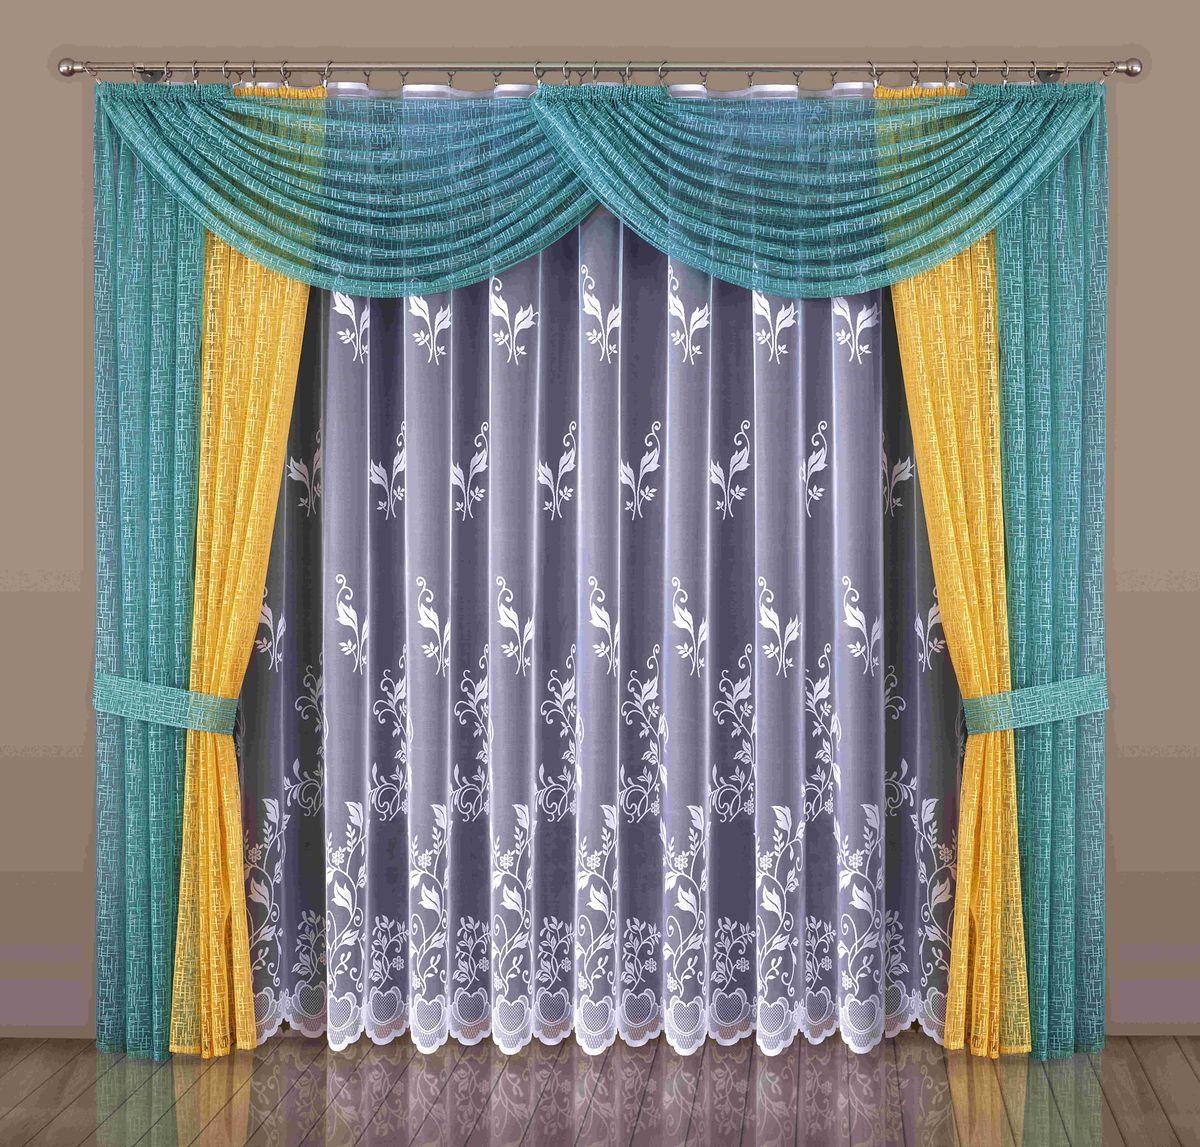 Комплект штор Wisan Maryla, на ленте, цвет: оранжевый, бирюзовый, высота 250 смW541Комплект штор Wisan Maryla выполненный из полиэстера, великолепно украсит любое окно. Тонкое плетение, оригинальный дизайн привлекут к себе внимание и органично впишутся в интерьер. Комплект состоит из 2 штор, тюля, ламбрекена и 2 подхватов. Кружевной узор придает комплекту особый стиль и шарм. Тонкое жаккардовое плетение, нежная цветовая гамма и роскошное исполнение - все это делает шторы Wisan Maryla замечательным дополнением интерьера помещения. Все предметы комплекта оснащены шторной лентой для красивой драпировки. В комплект входит: Штора - 2 шт. Размер (ШхВ): 250 см х 250 см. Тюль - 1 шт. Размер (ШхВ): 450 см х 250 см. Ламбрекен - 1 шт. Размер (ШхВ): 300 см х 55 см.Подхваты - 2 шт. Фирма Wisan на польском рынке существует уже более пятидесяти лет и является одной из лучших польских фабрик по производству штор и тканей. Ассортимент фирмы представлен готовыми комплектами штор для гостиной, детской, кухни, а также текстилем для кухни (скатерти, салфетки, дорожки, кухонные занавески). Модельный ряд отличает оригинальный дизайн, высокое качество. Ассортимент продукции постоянно пополняется.